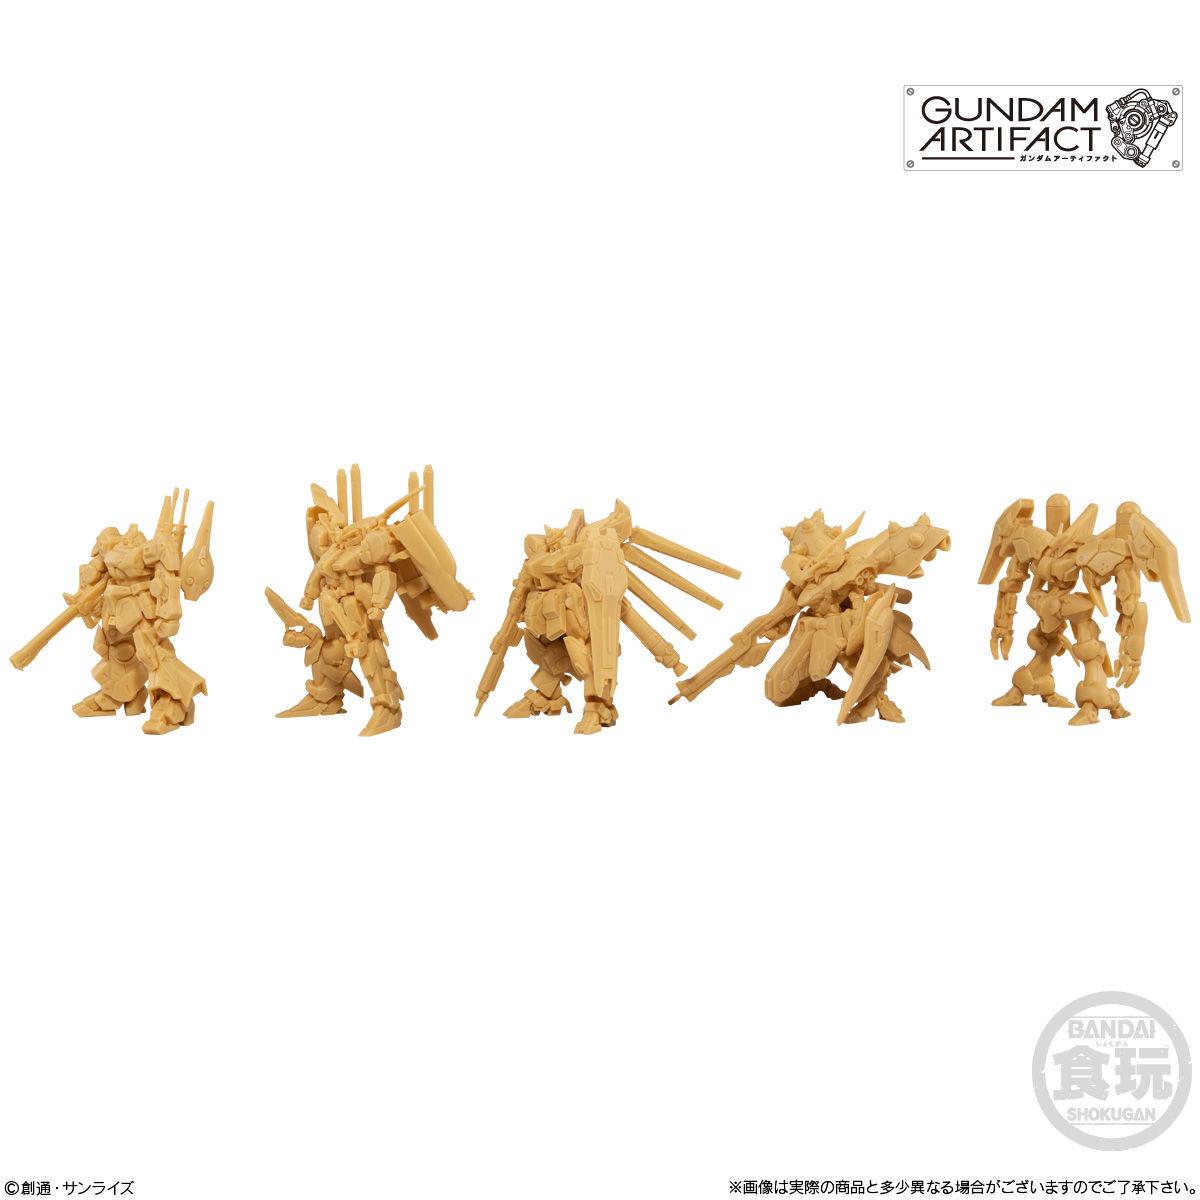 【再販】【食玩】機動戦士ガンダム『ガンダムアーティファクト』プラ製ミニキット 10個入りBOX-007